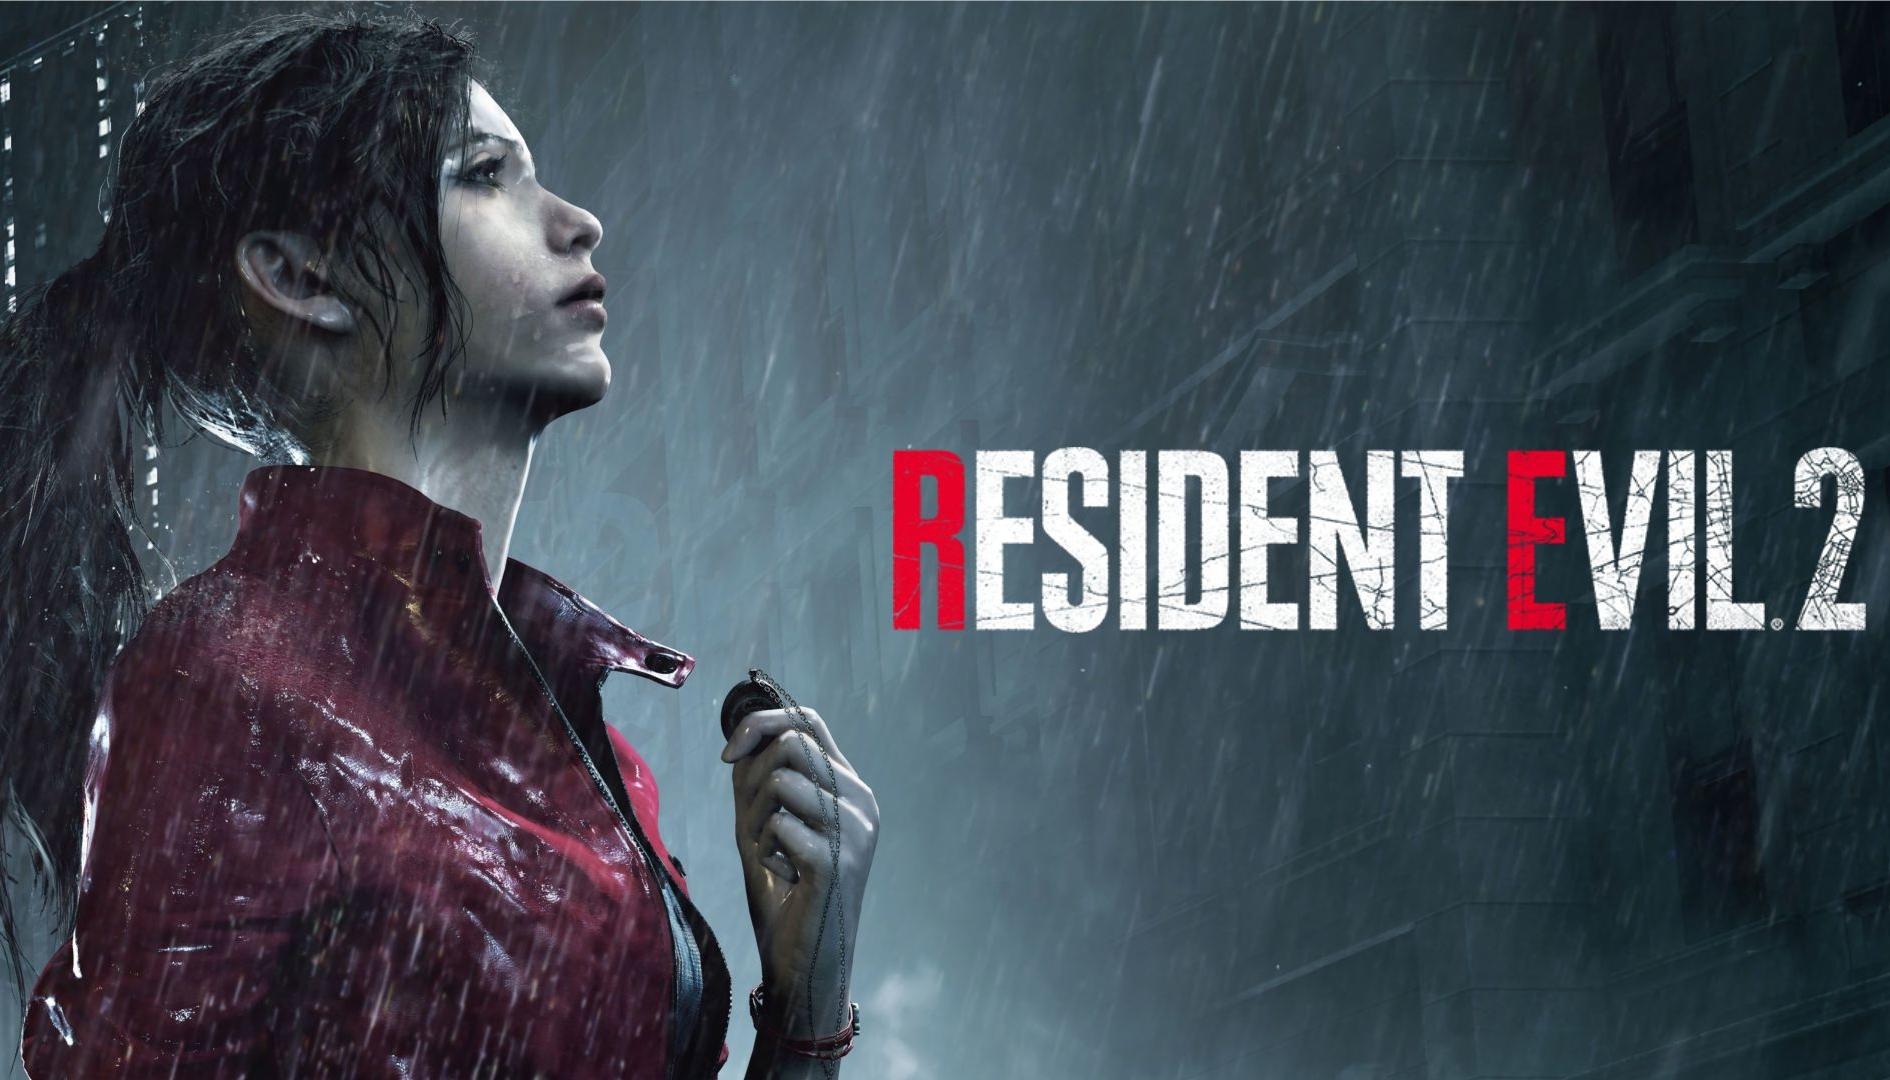 Resident Evil 3 Remake uscirà su PS4 e Xbox One, RE 8 su PS5 e Scarlett secondo un insider